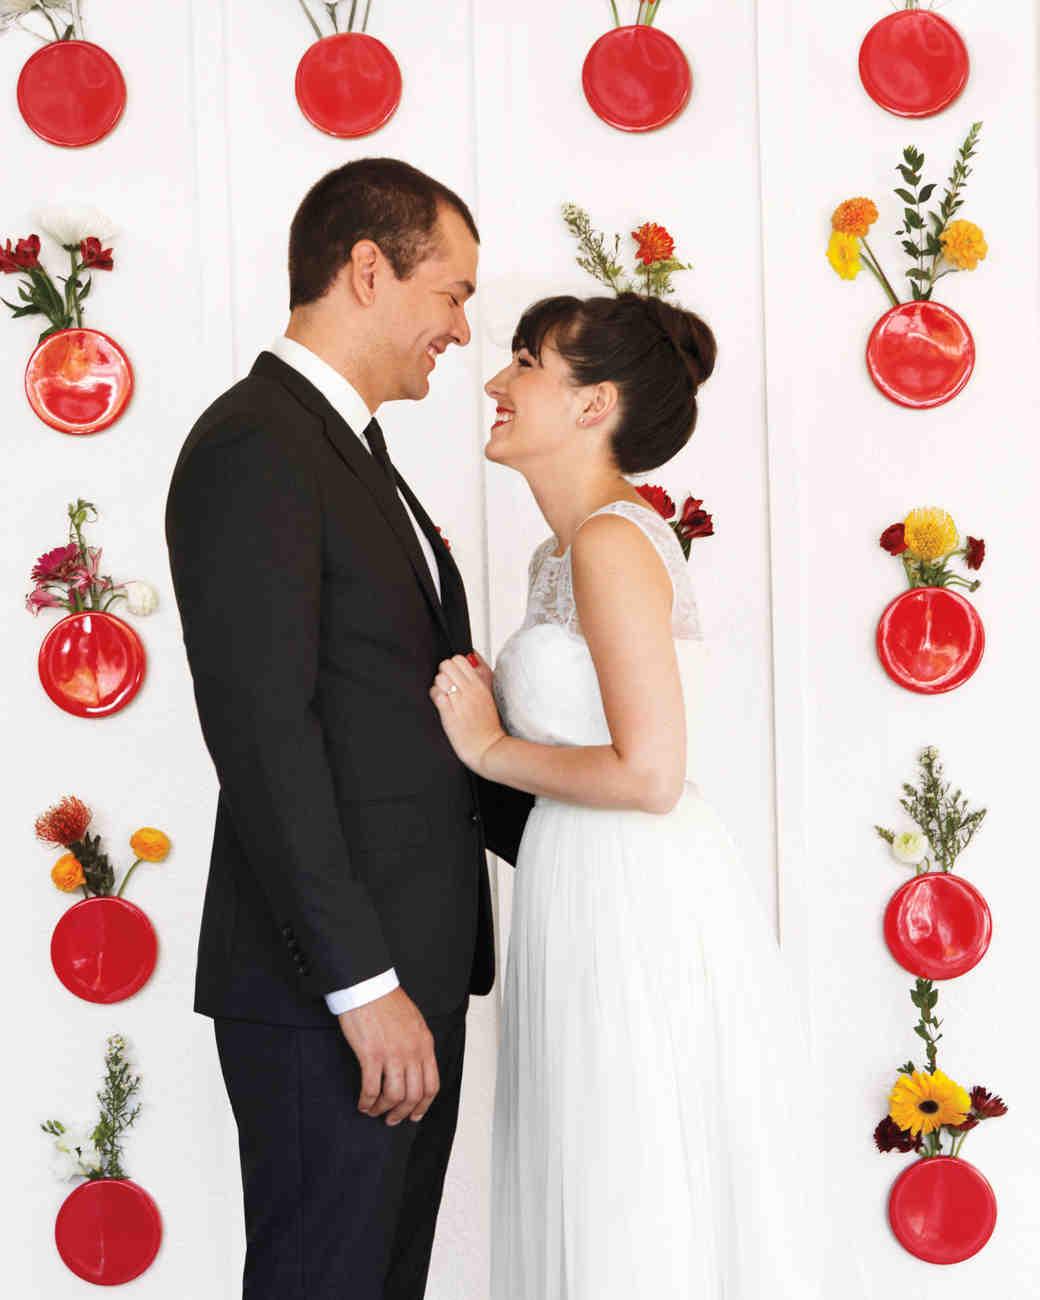 bride-groom-reddotportrait0524comp-mwd109592.jpg